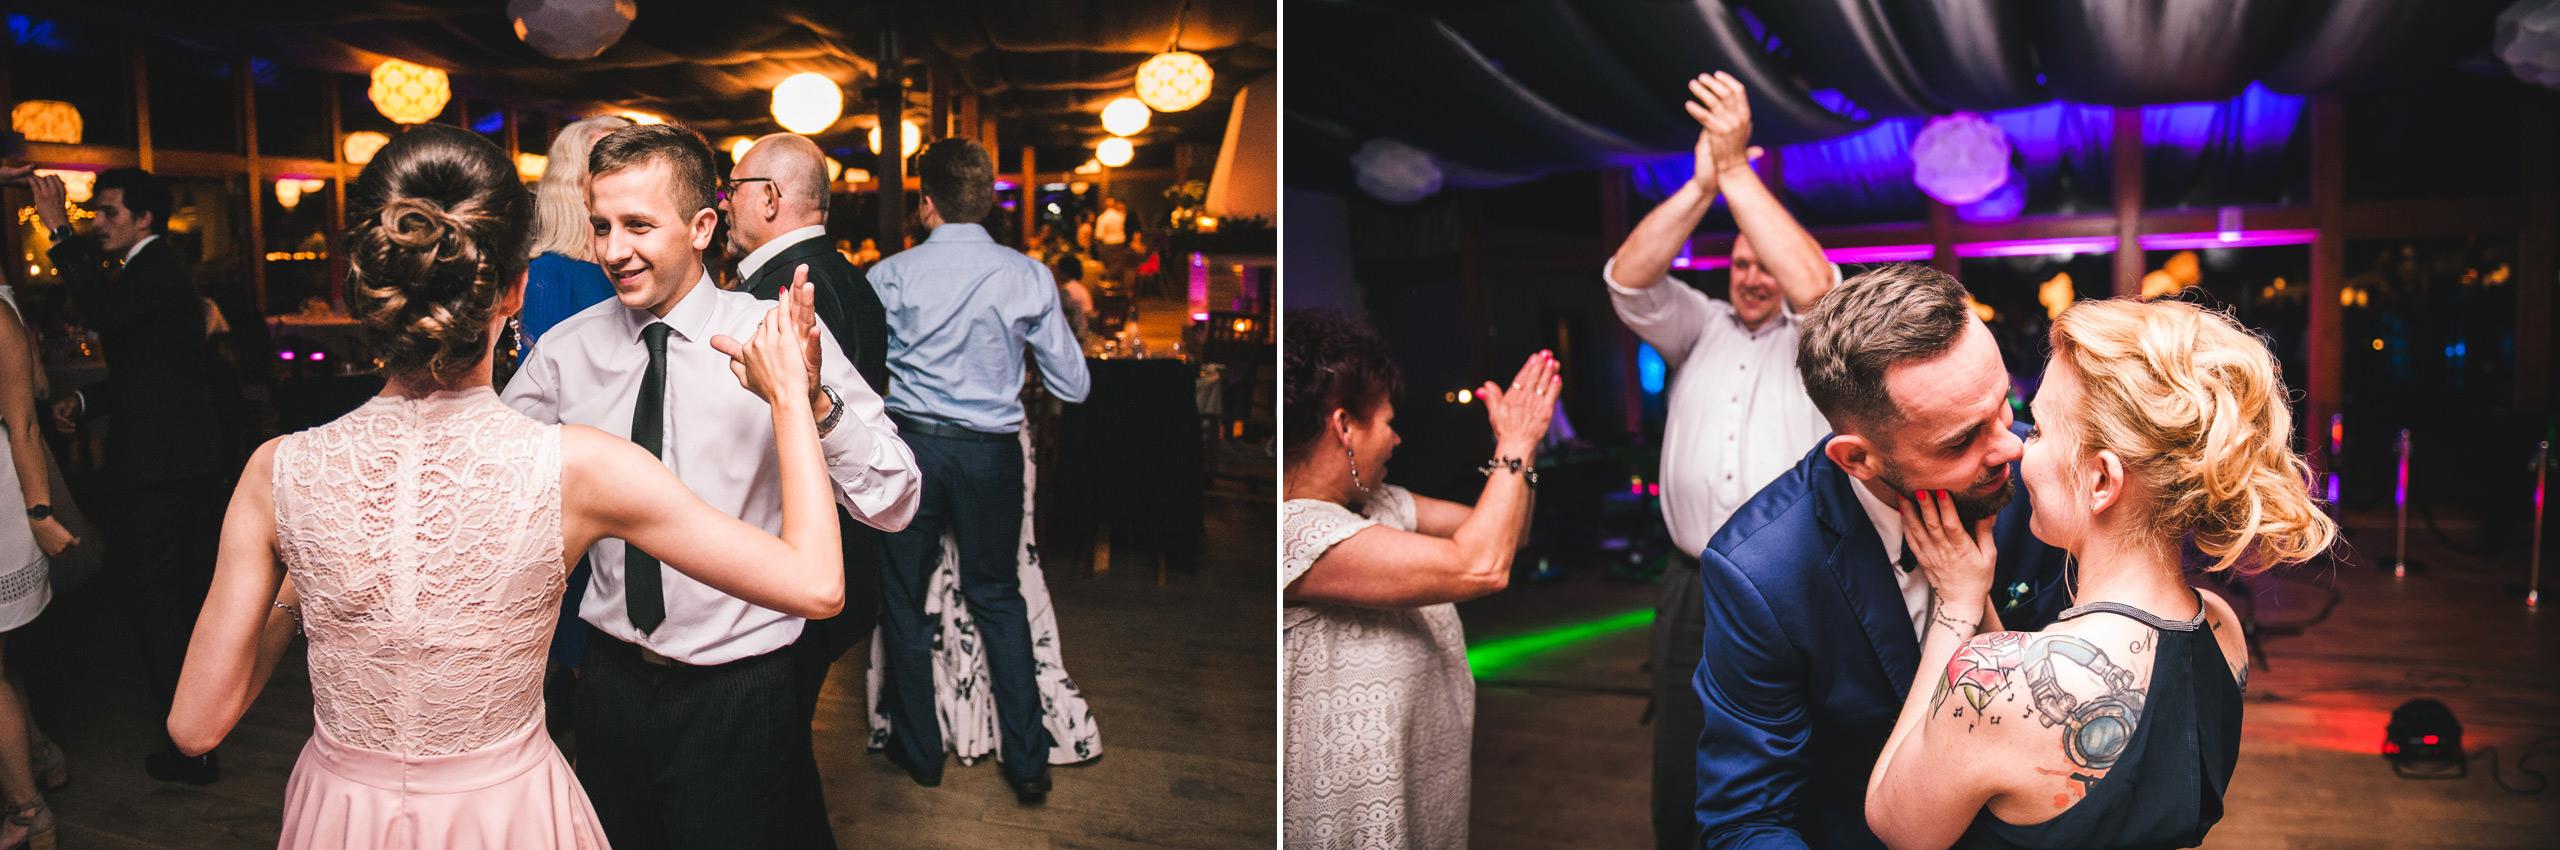 fotograf slubny warszawa 067 zacisze anny korcz wesele